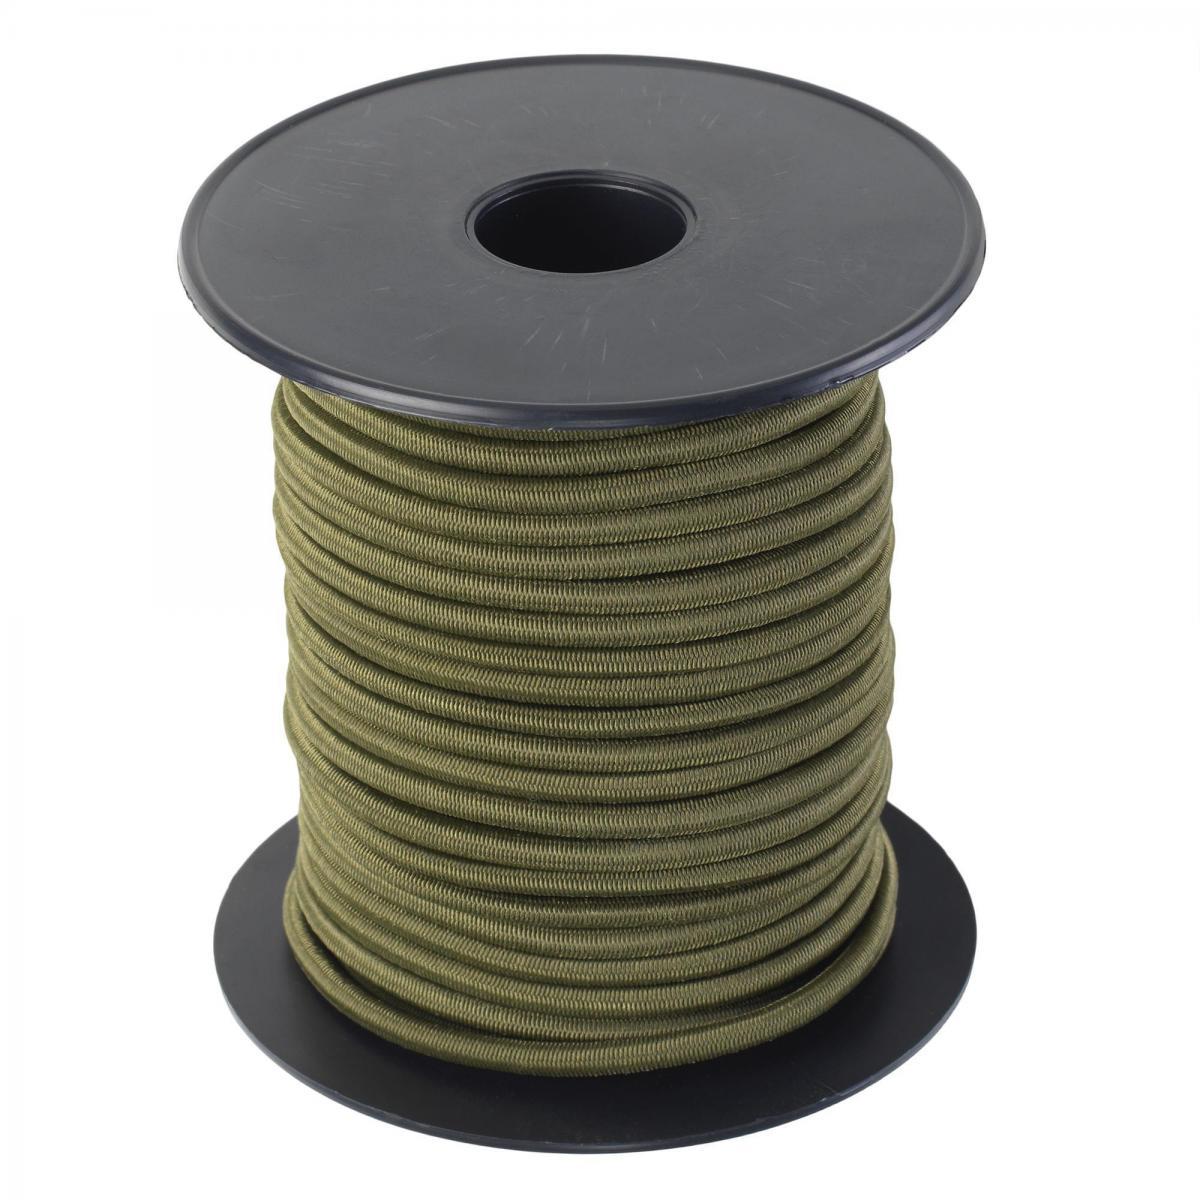 Élastique à appelant 4mm x 25m vert